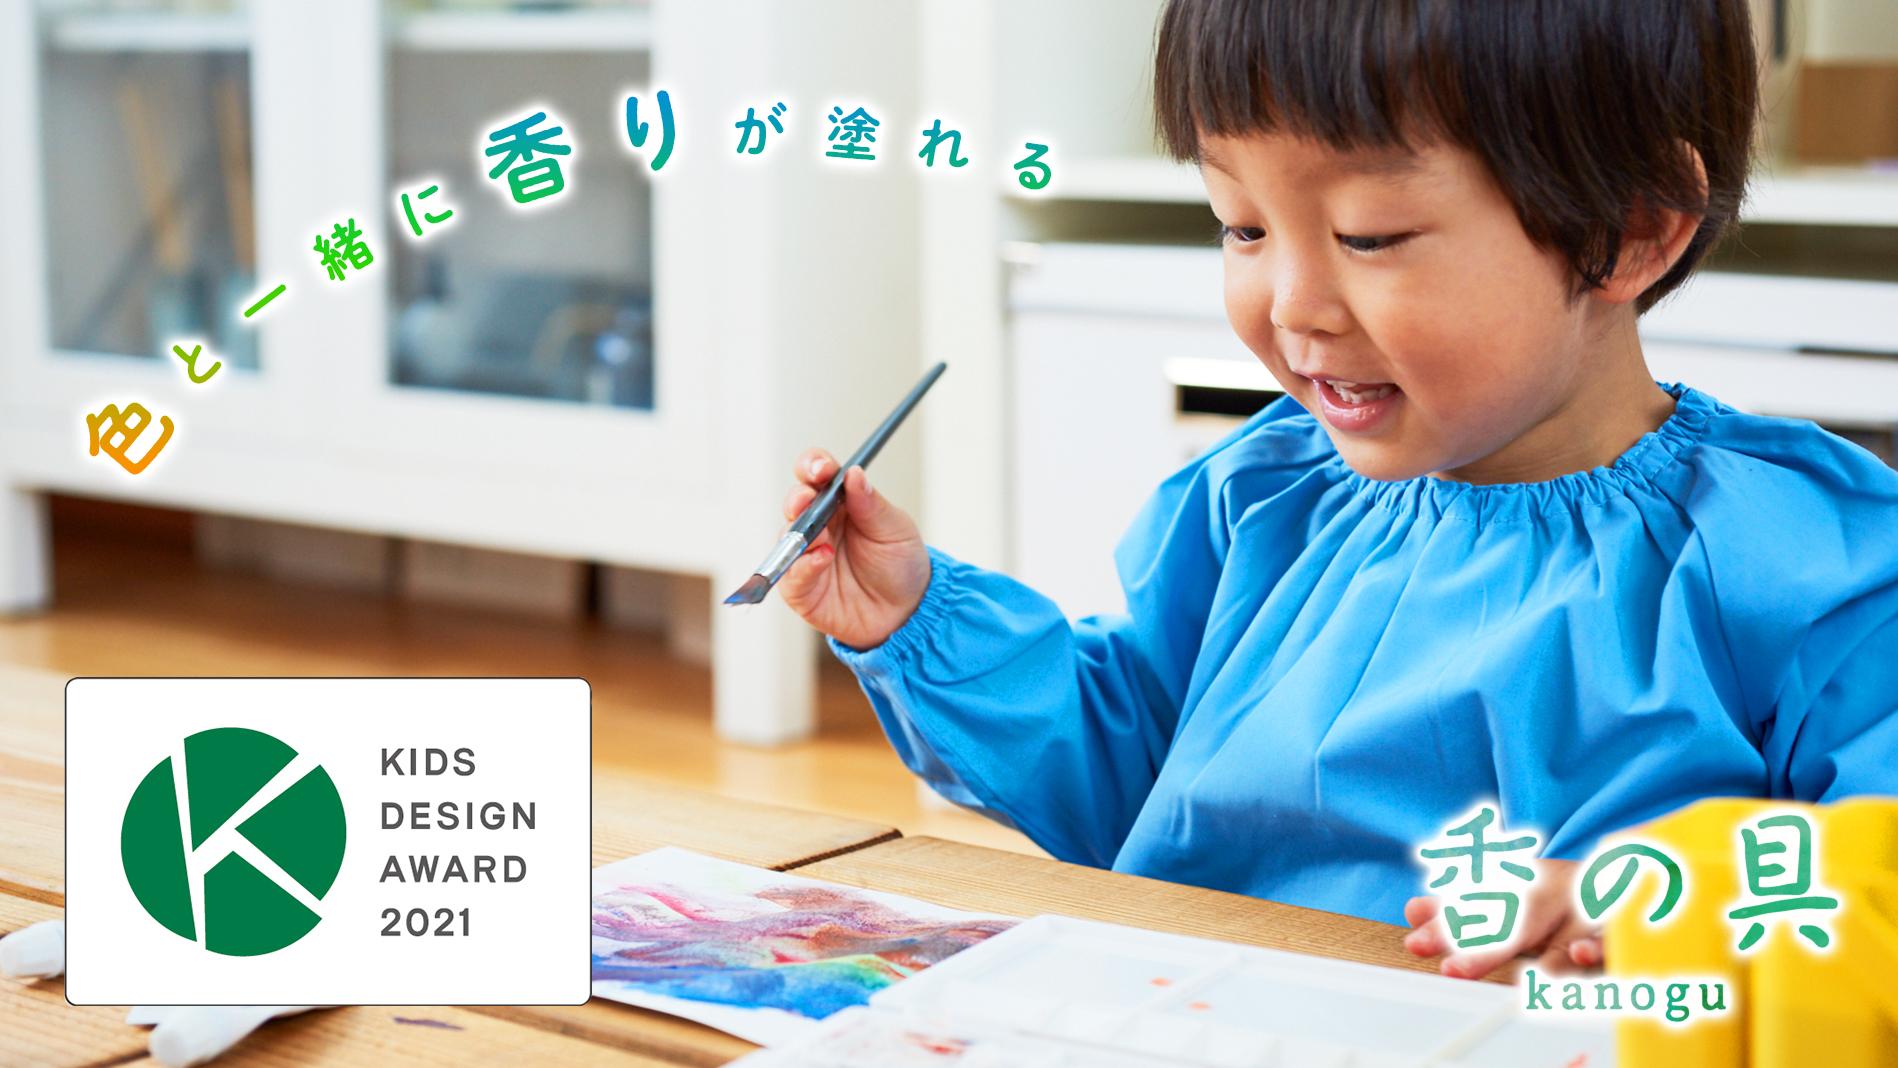 香の具(kanogu)が第15回キッズデザイン賞を受賞しました!